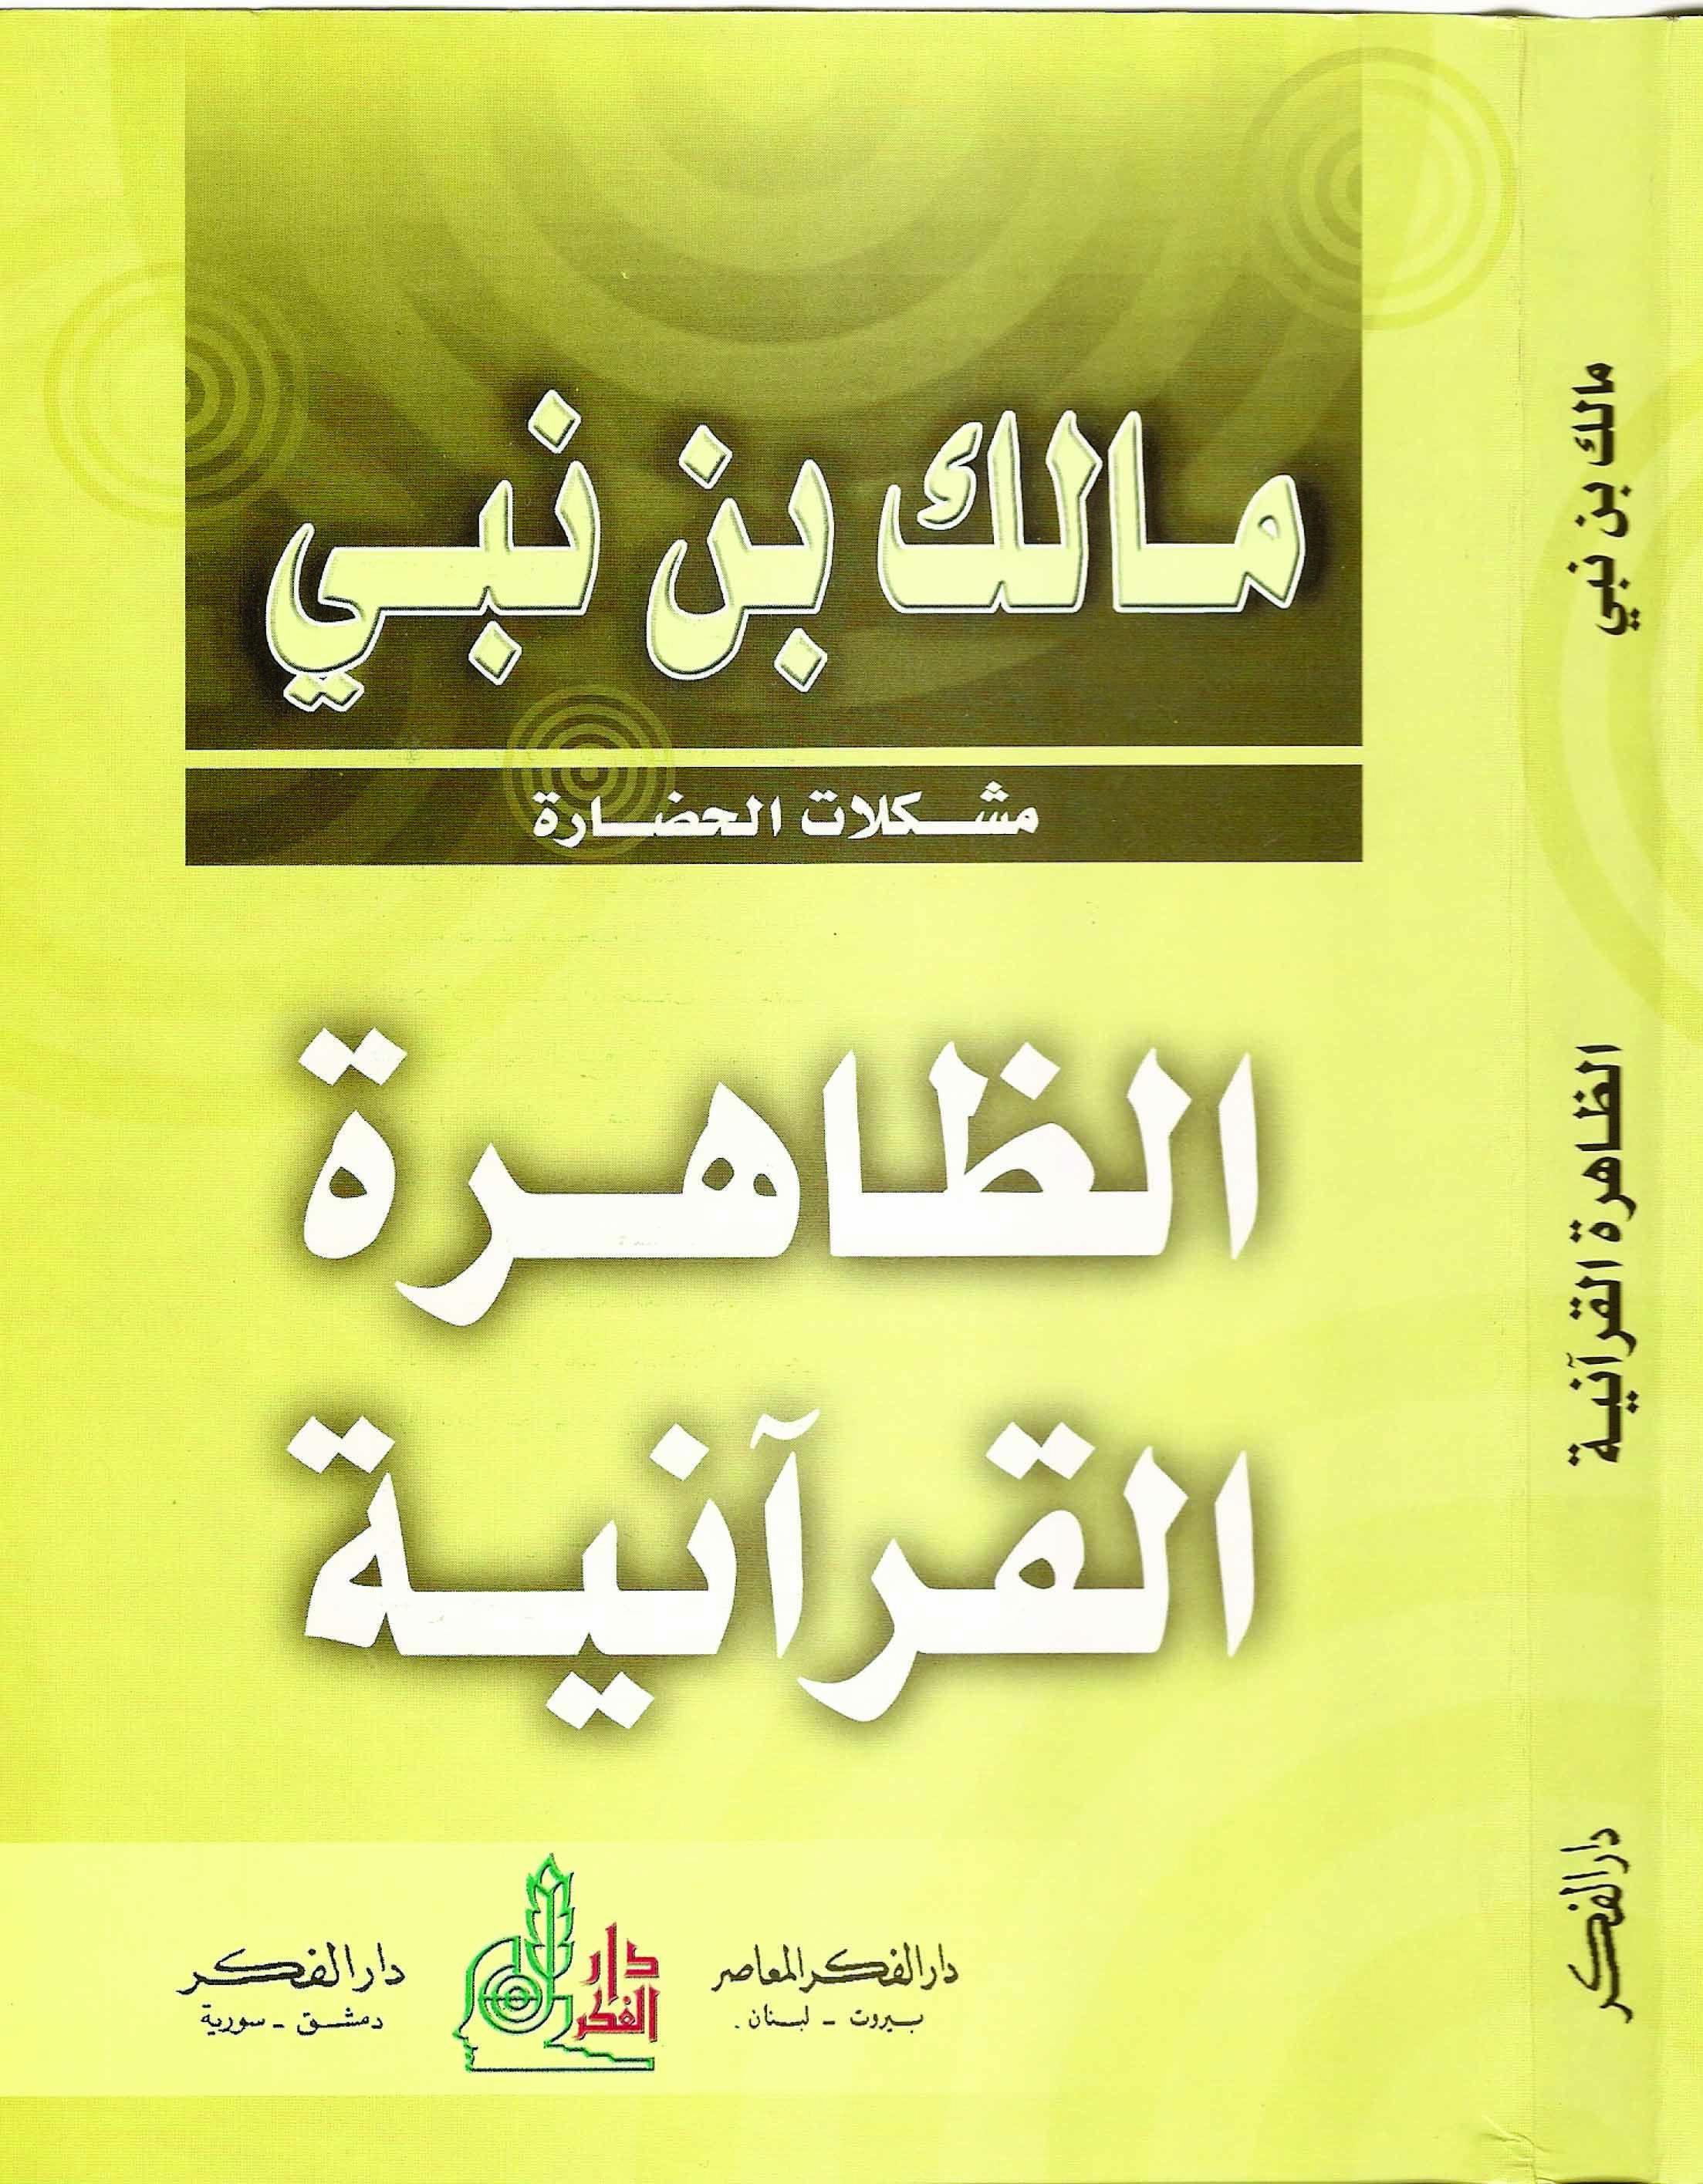 تحميل كتاب الظاهرة القرآنية Pdf تأليف مالك بن نبي In 2020 Good Books Free Online Library Free Books Download